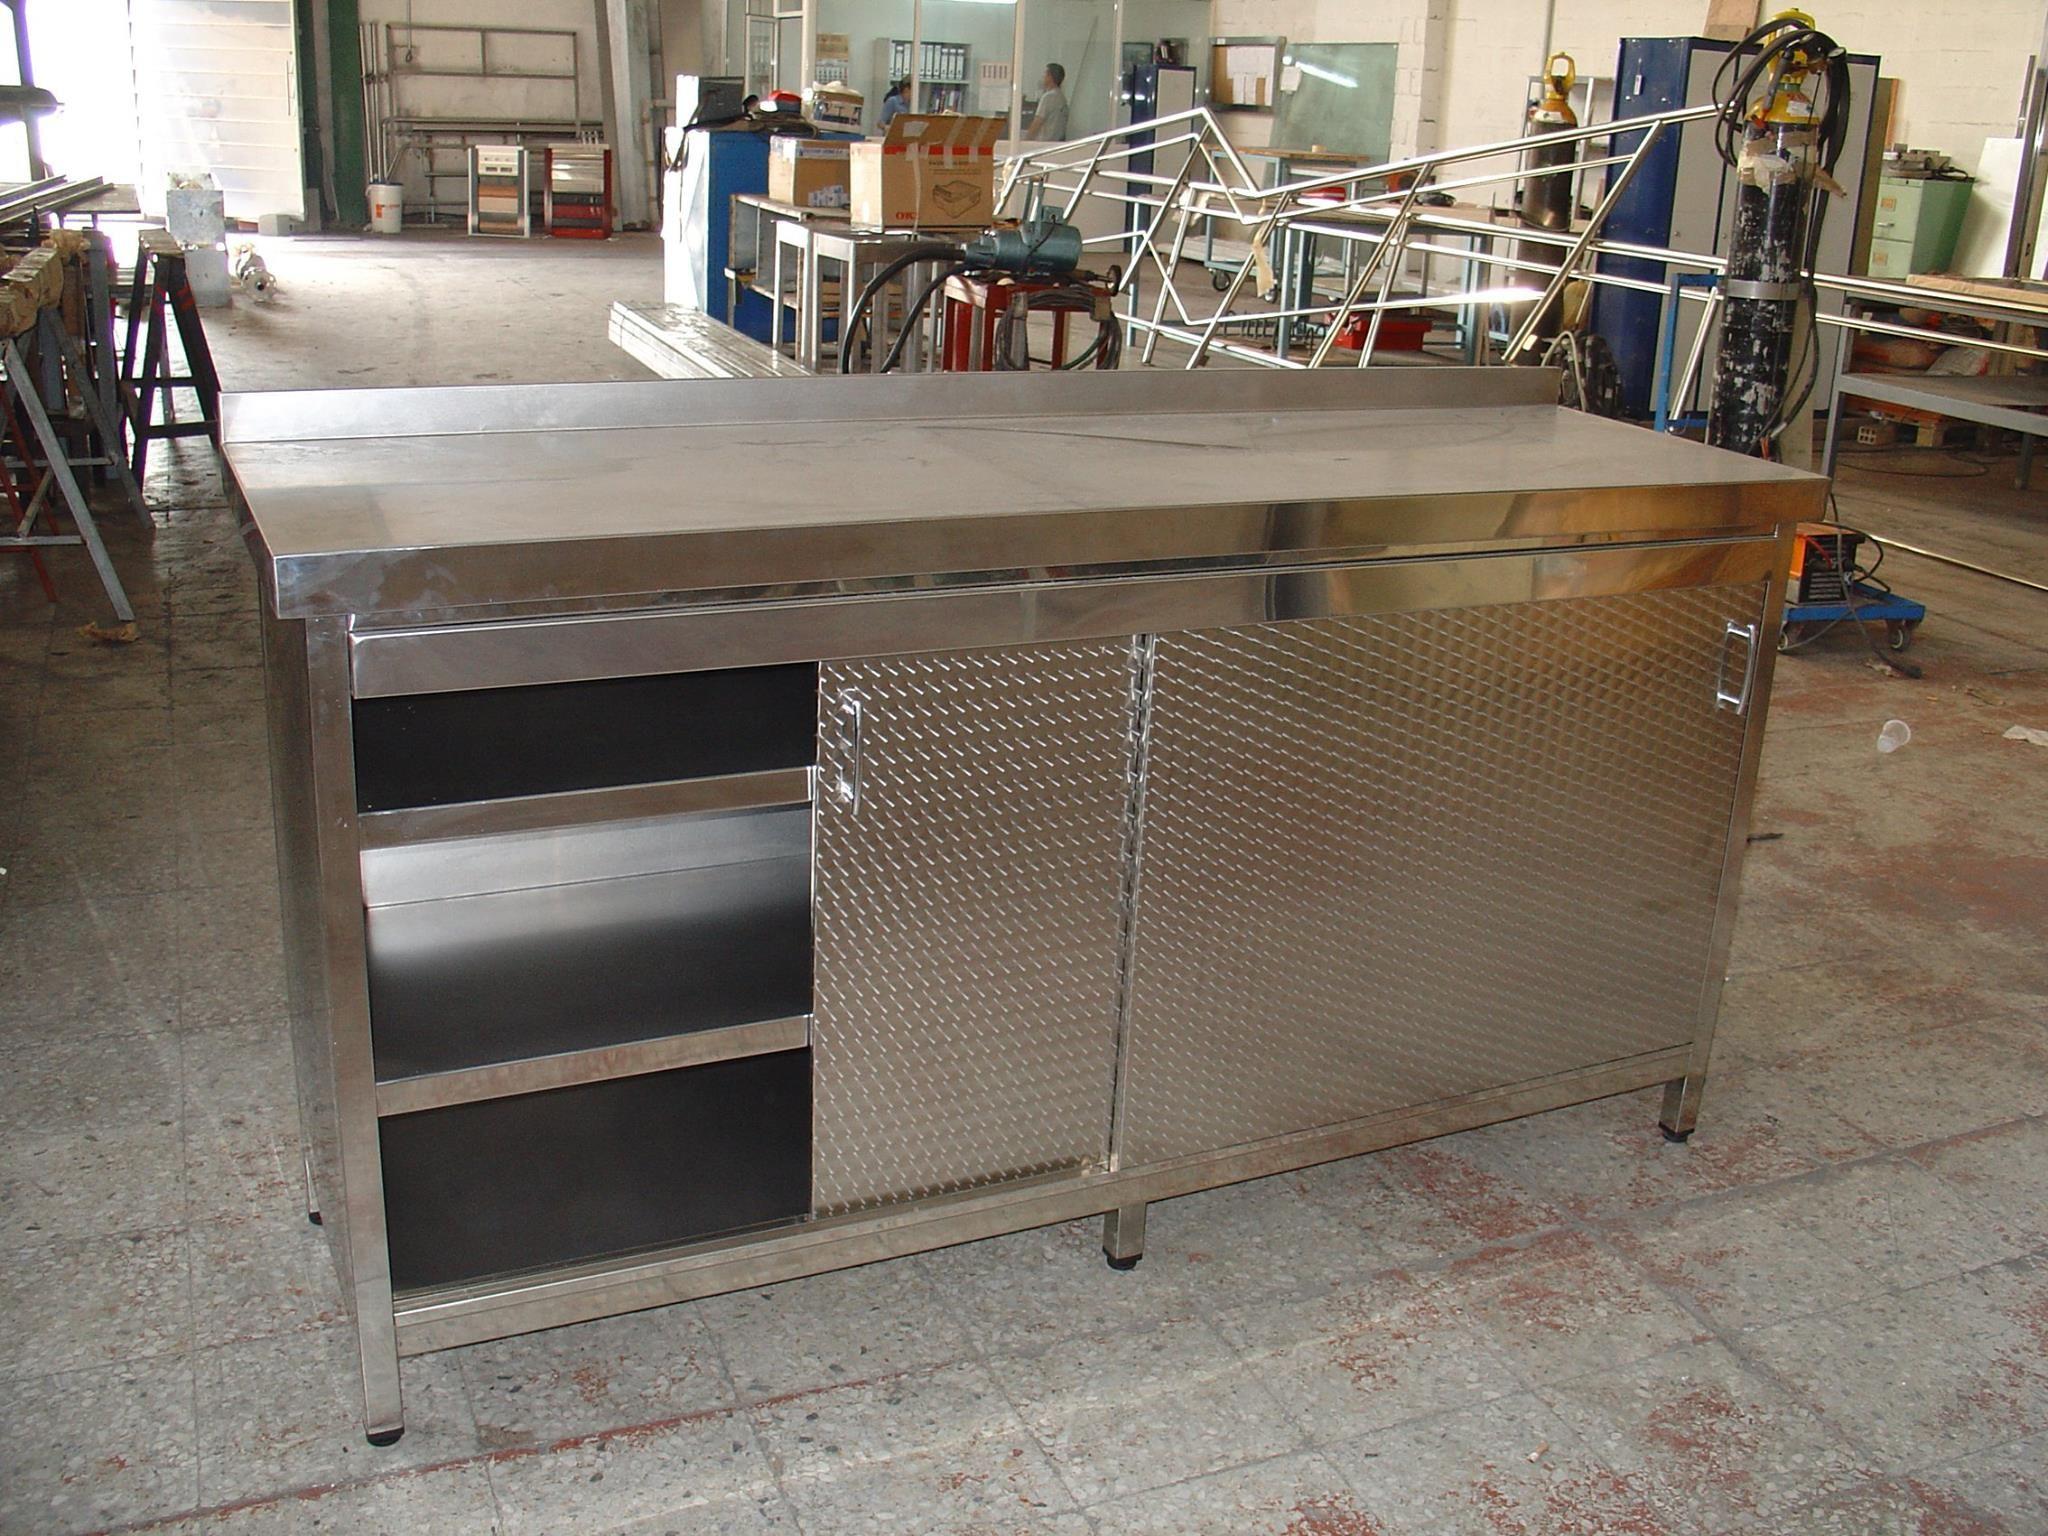 Cocinas y mobiliario para hostelería en acero inoxidable